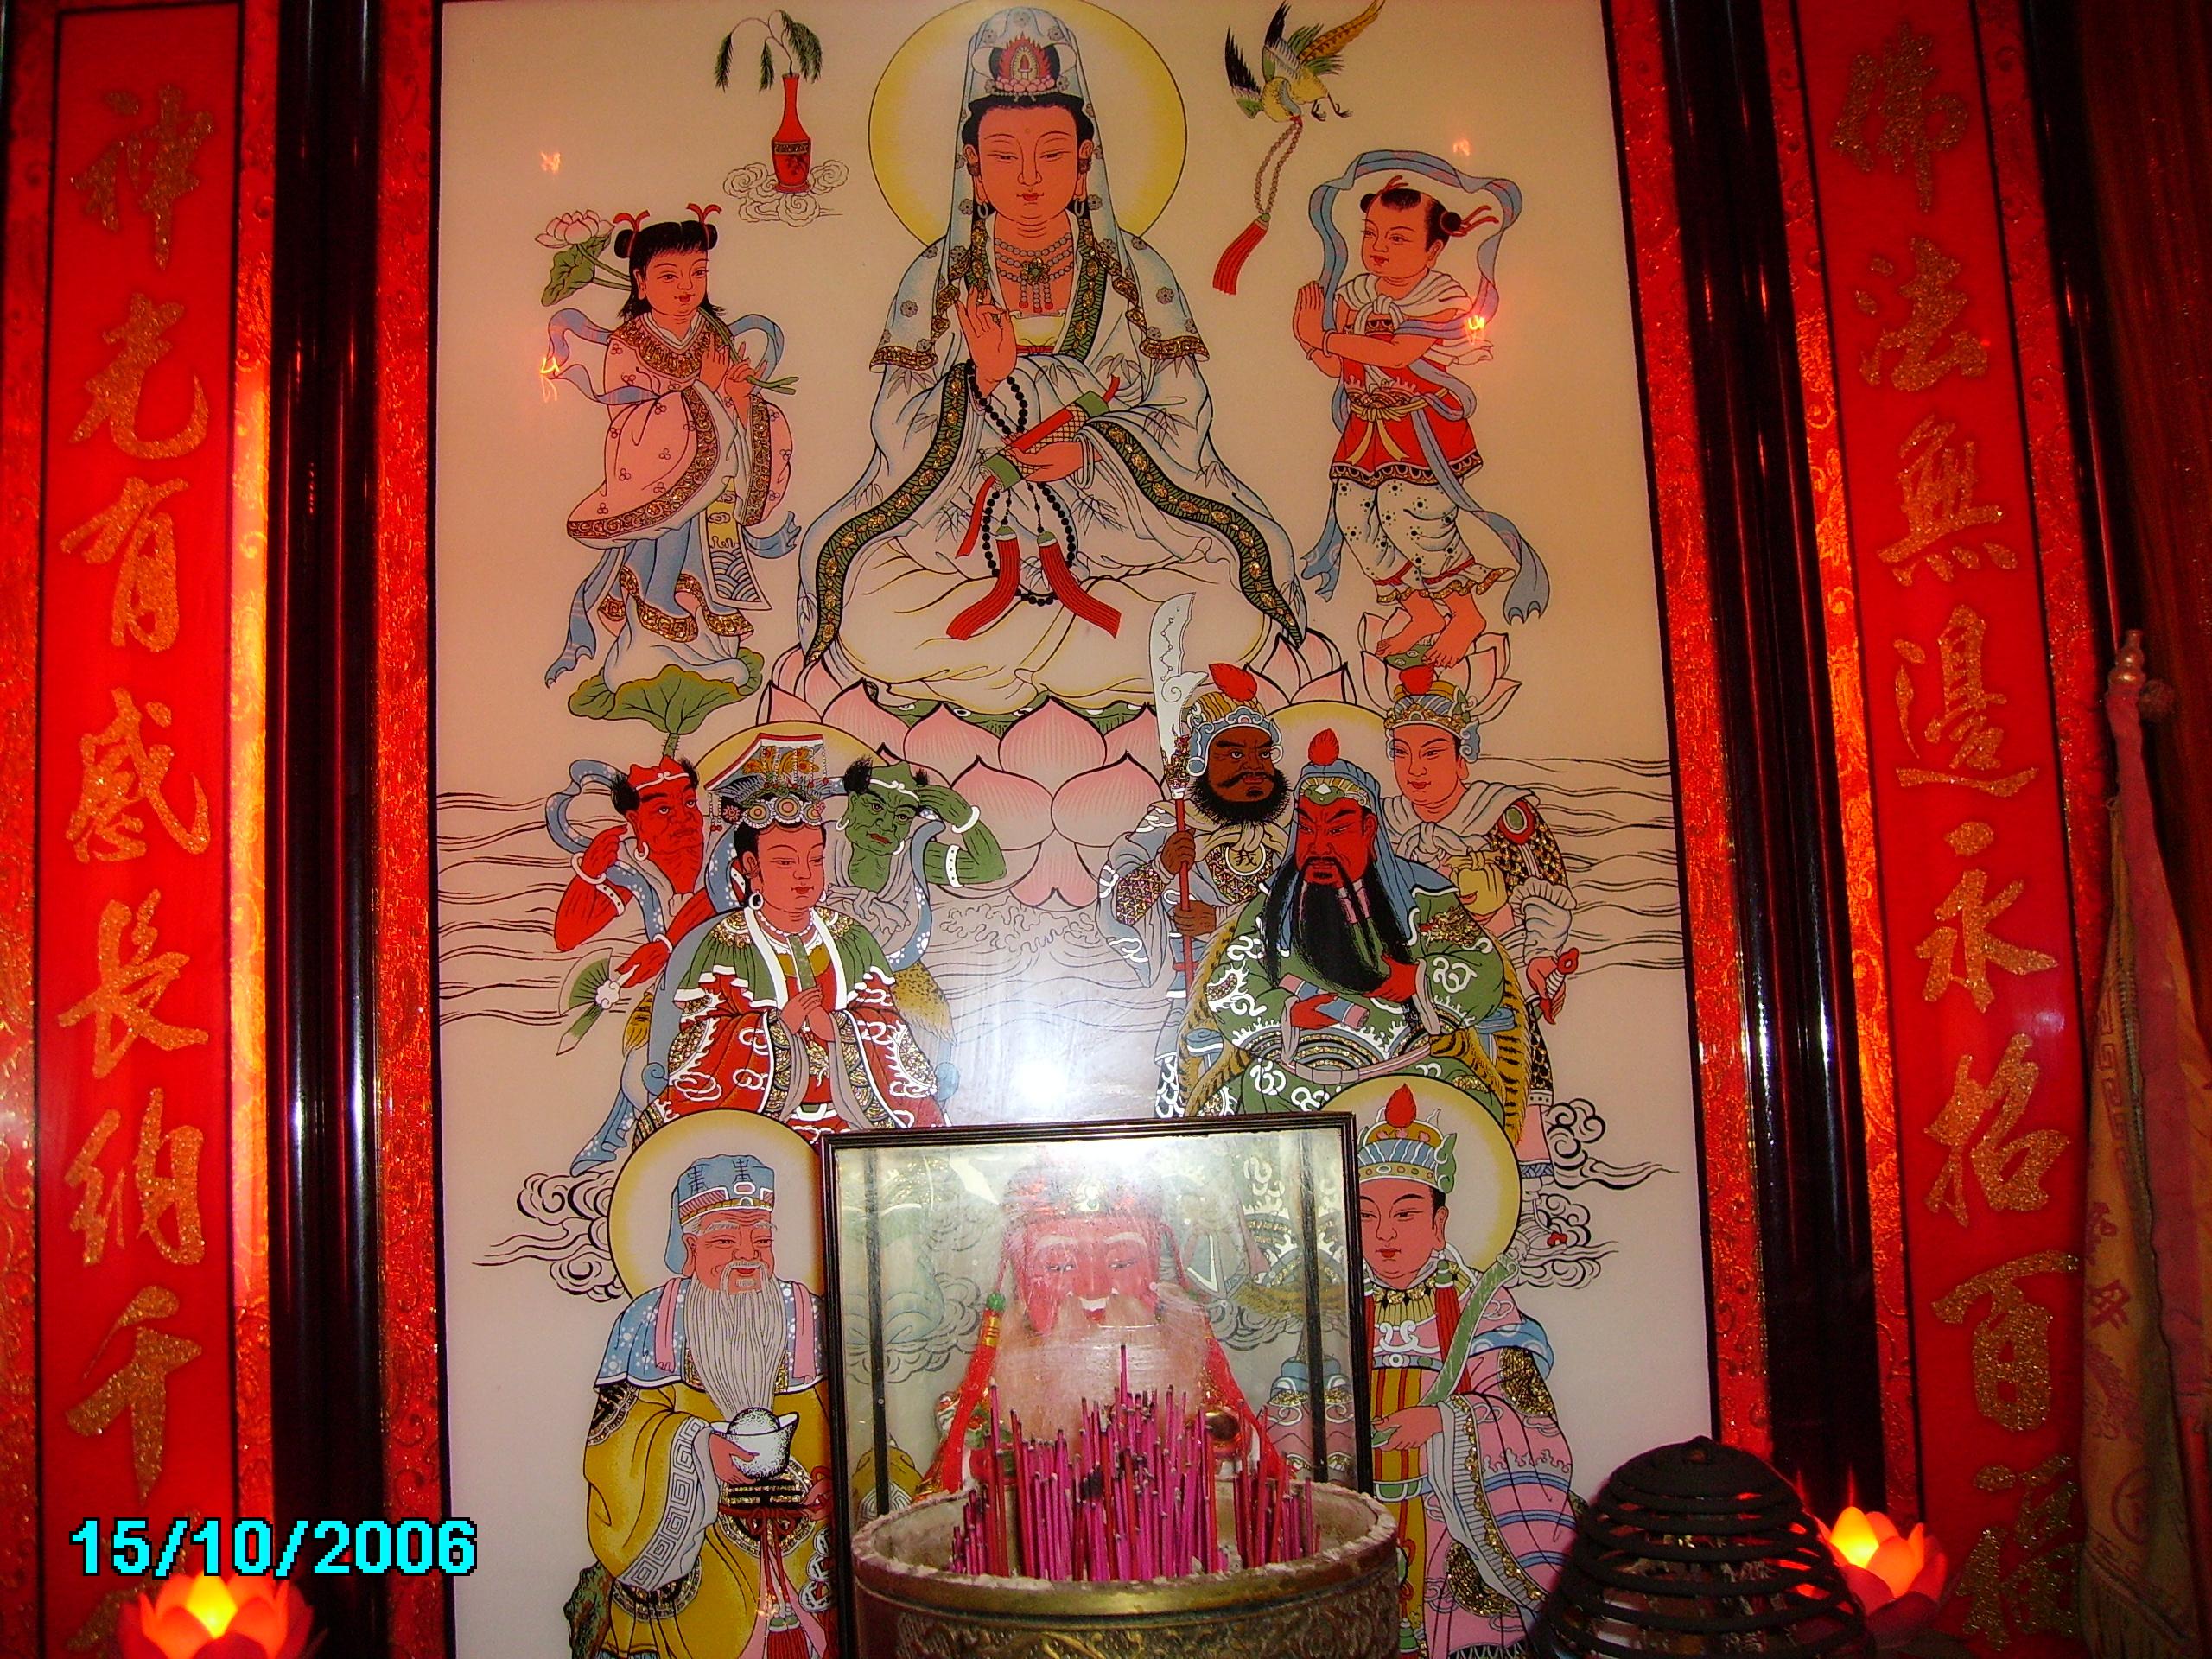 台灣人童年的夢魘!大家都怕這間「紅紅的房間」。(示意圖/截取自維基百科)